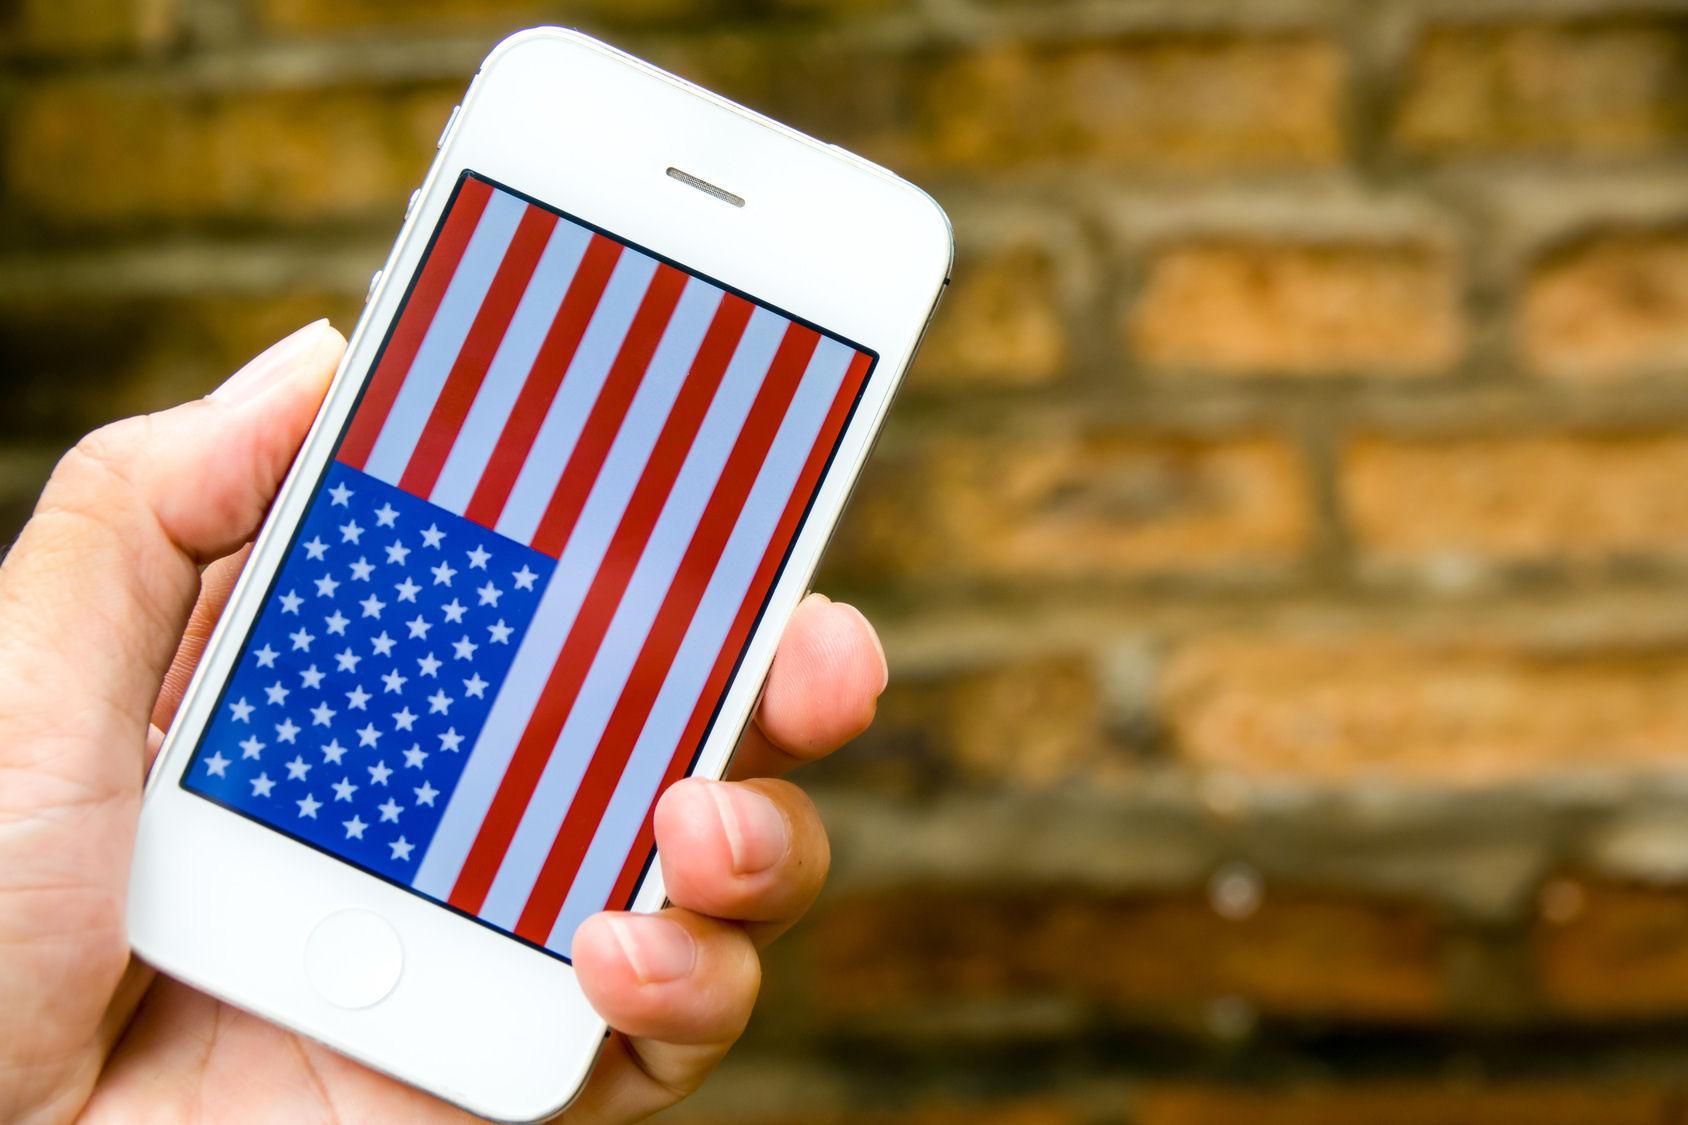 Polovina uživatelů v USA nepozná svůj telefon